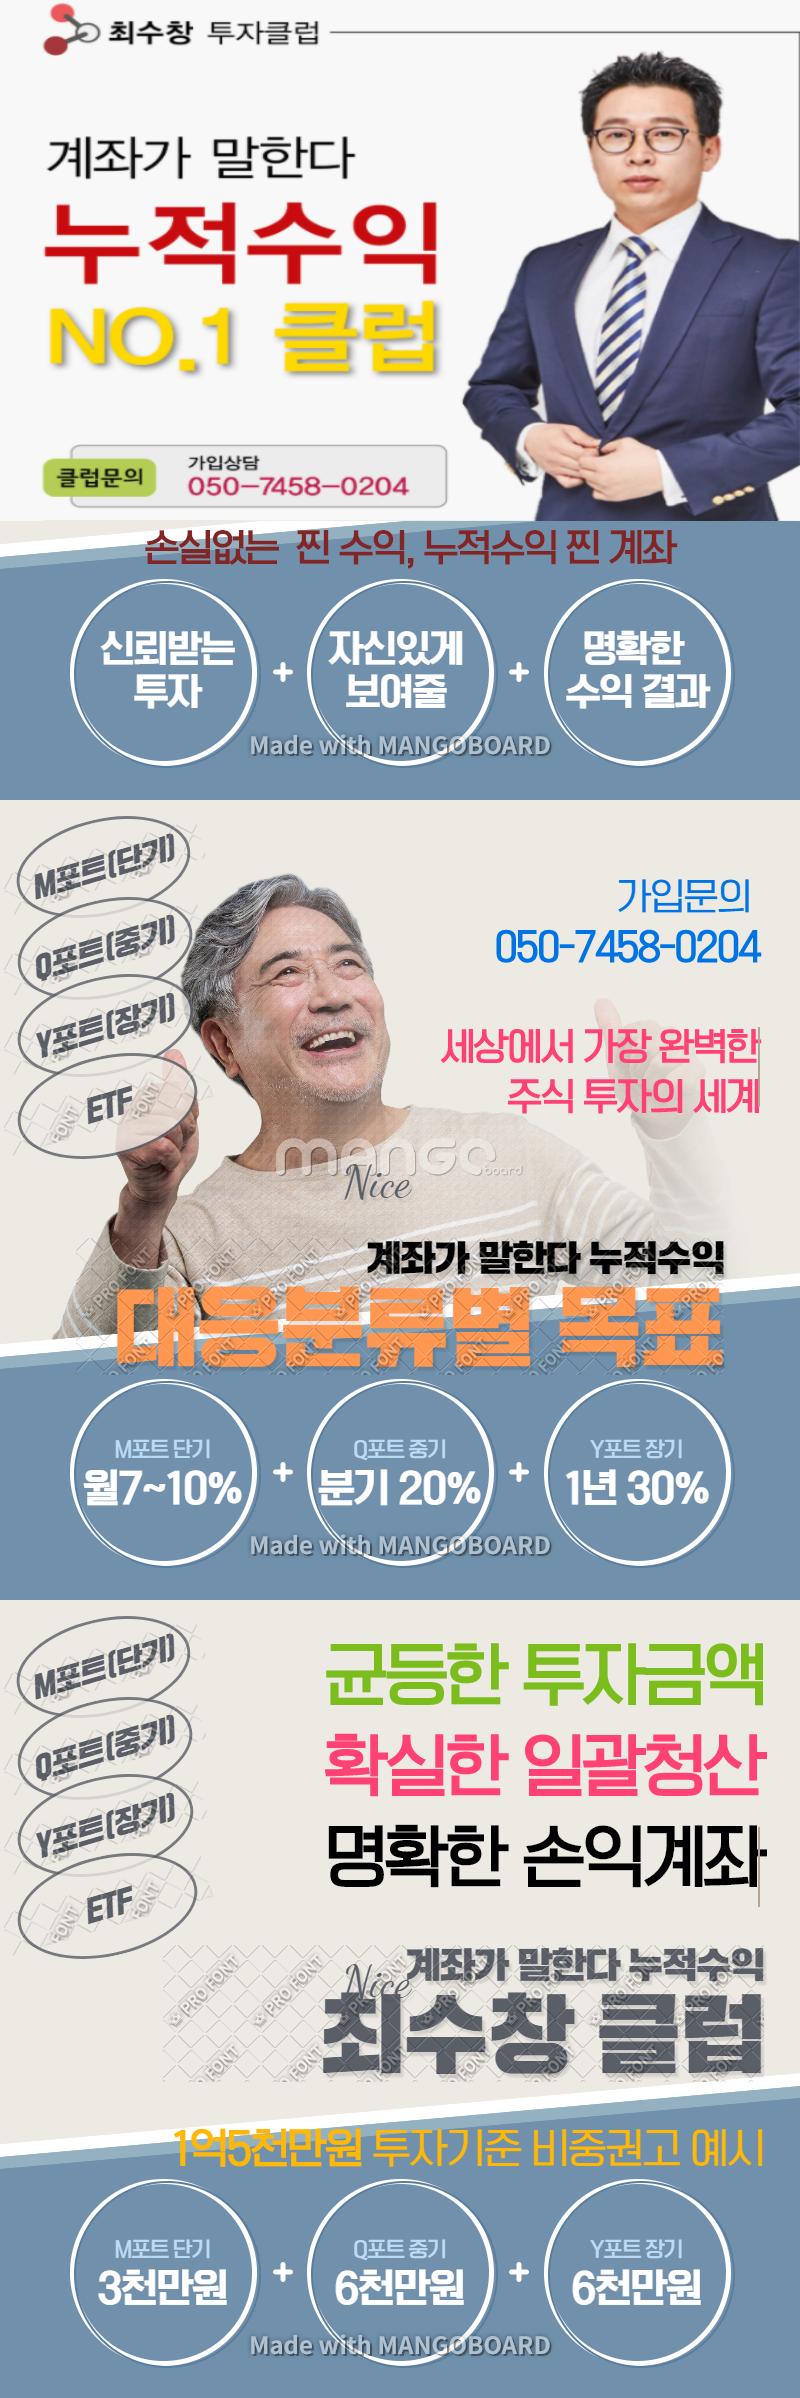 2020/포트광고1(4).png